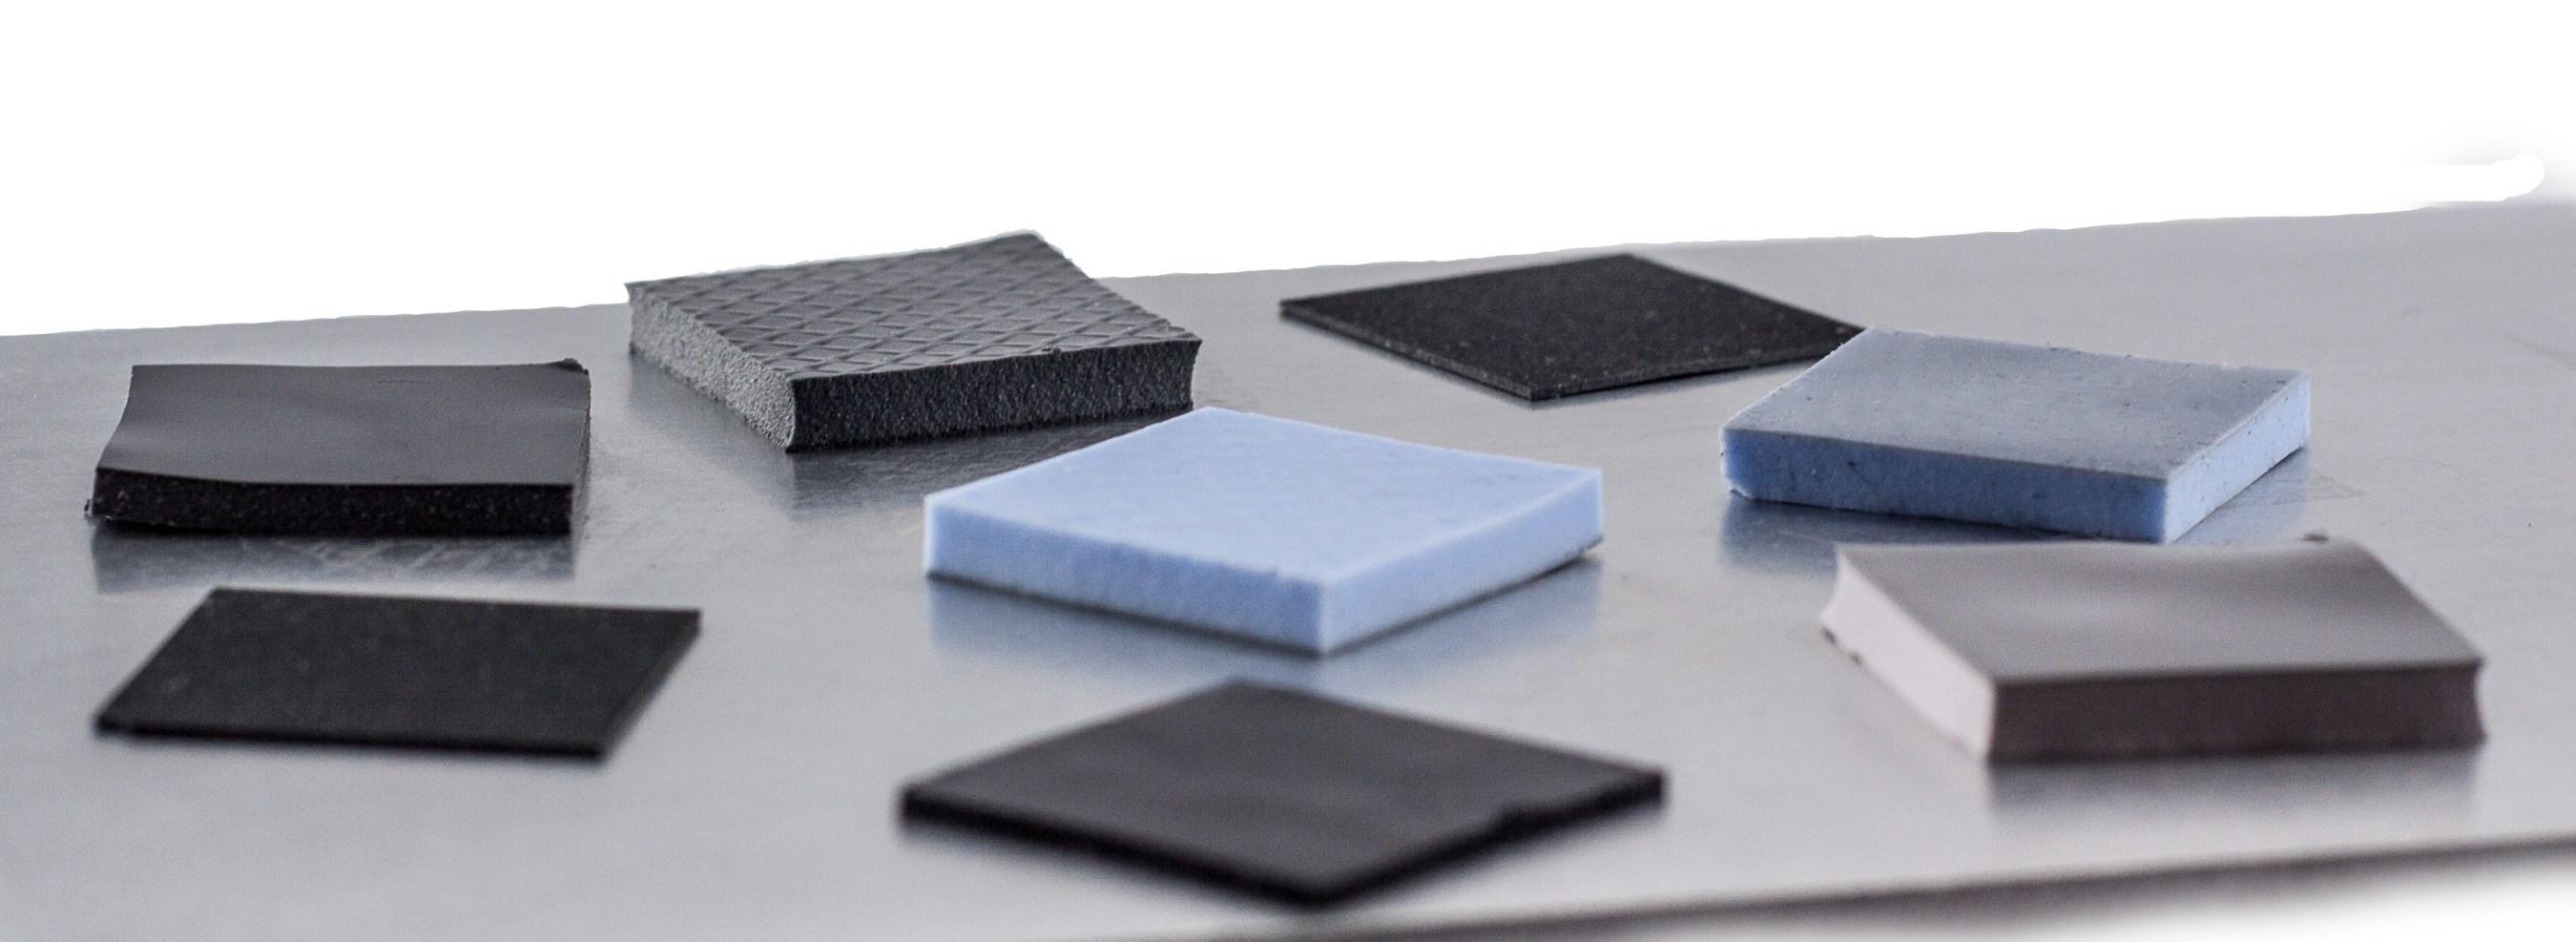 Aavid Thermalloy annonce de nouveaux matériaux de haute performance pour interfaces thermiques